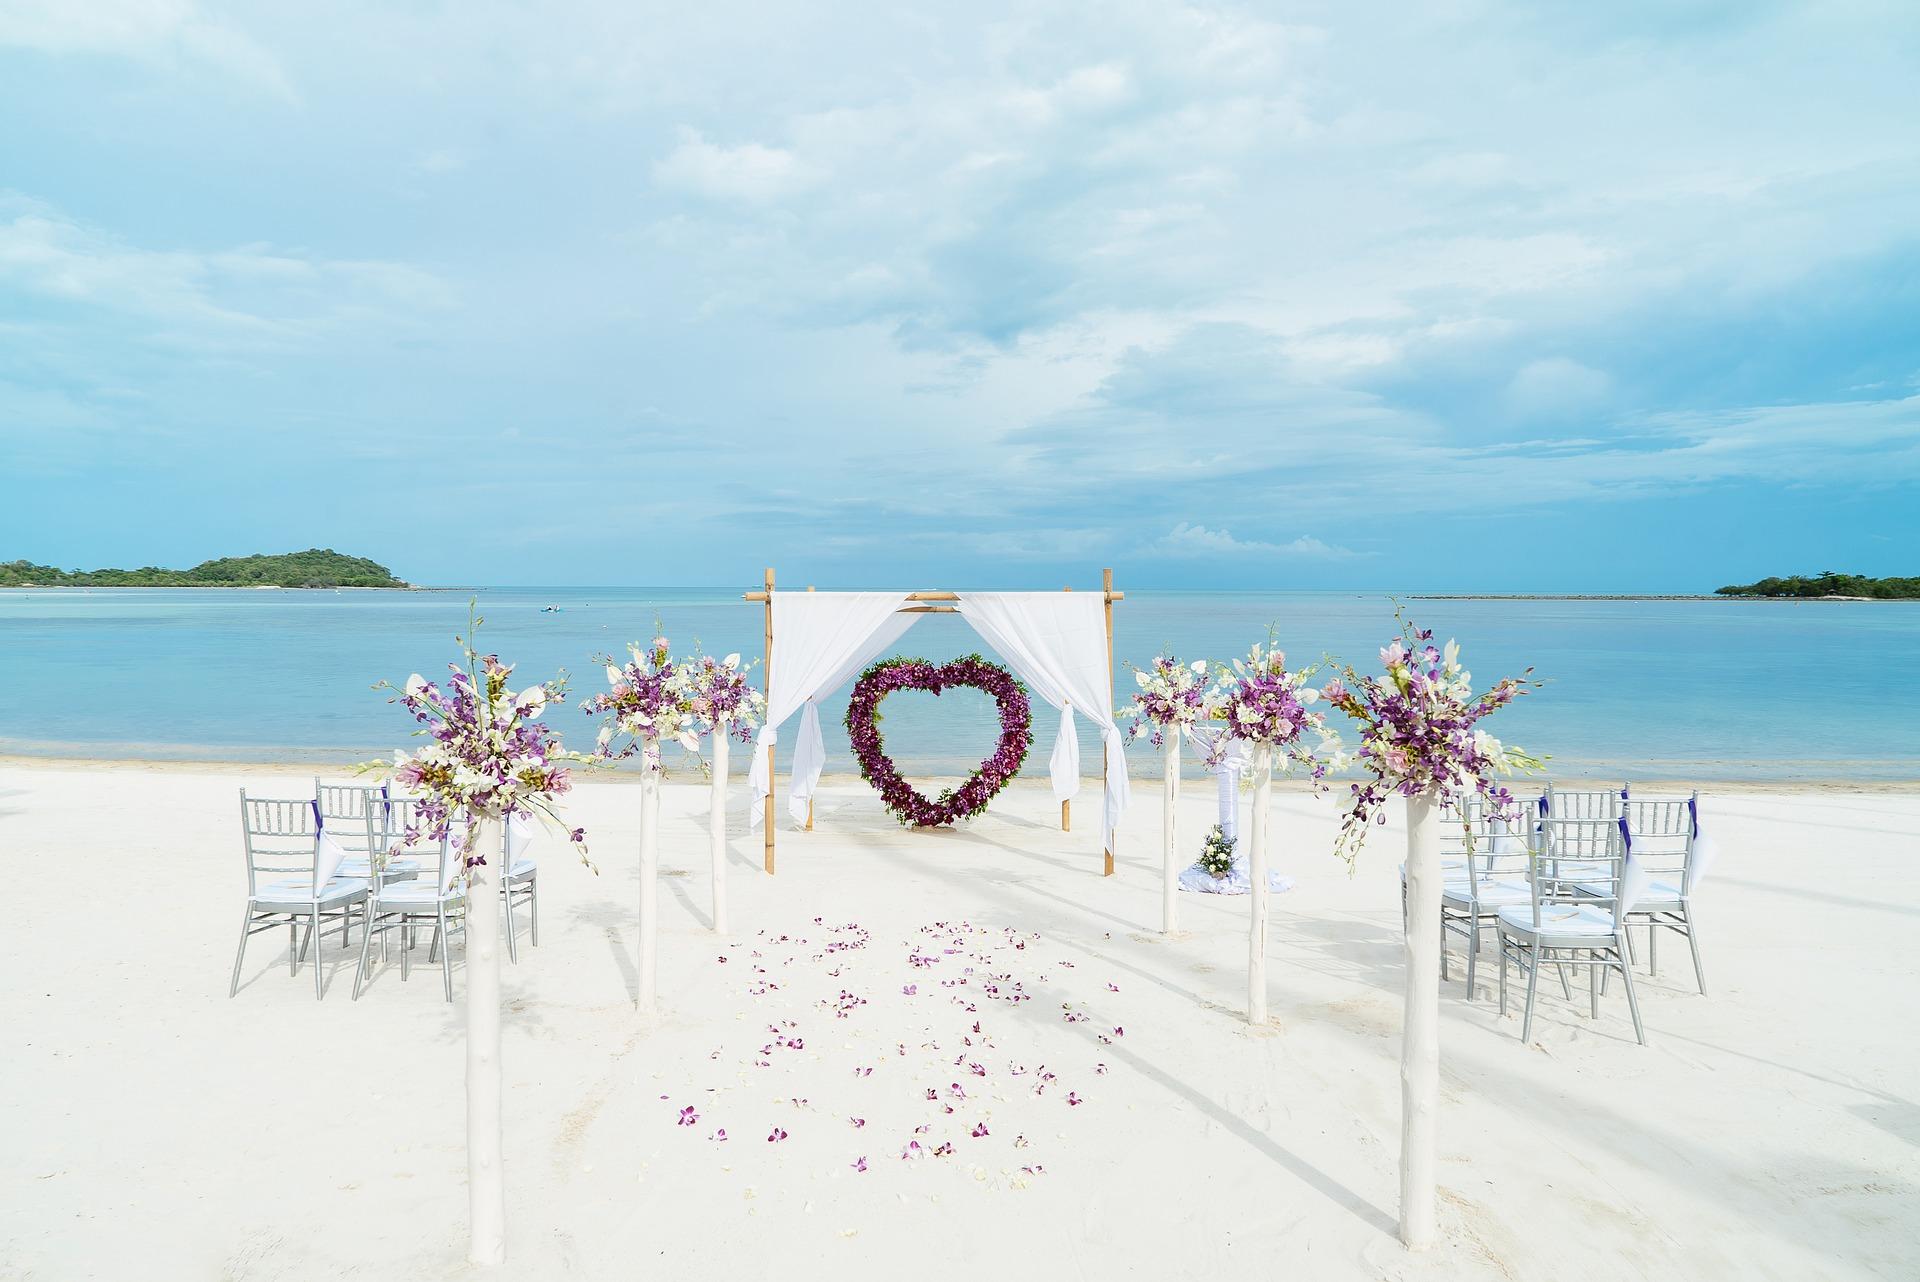 Nunta la Malul Marii: idei și sfaturi